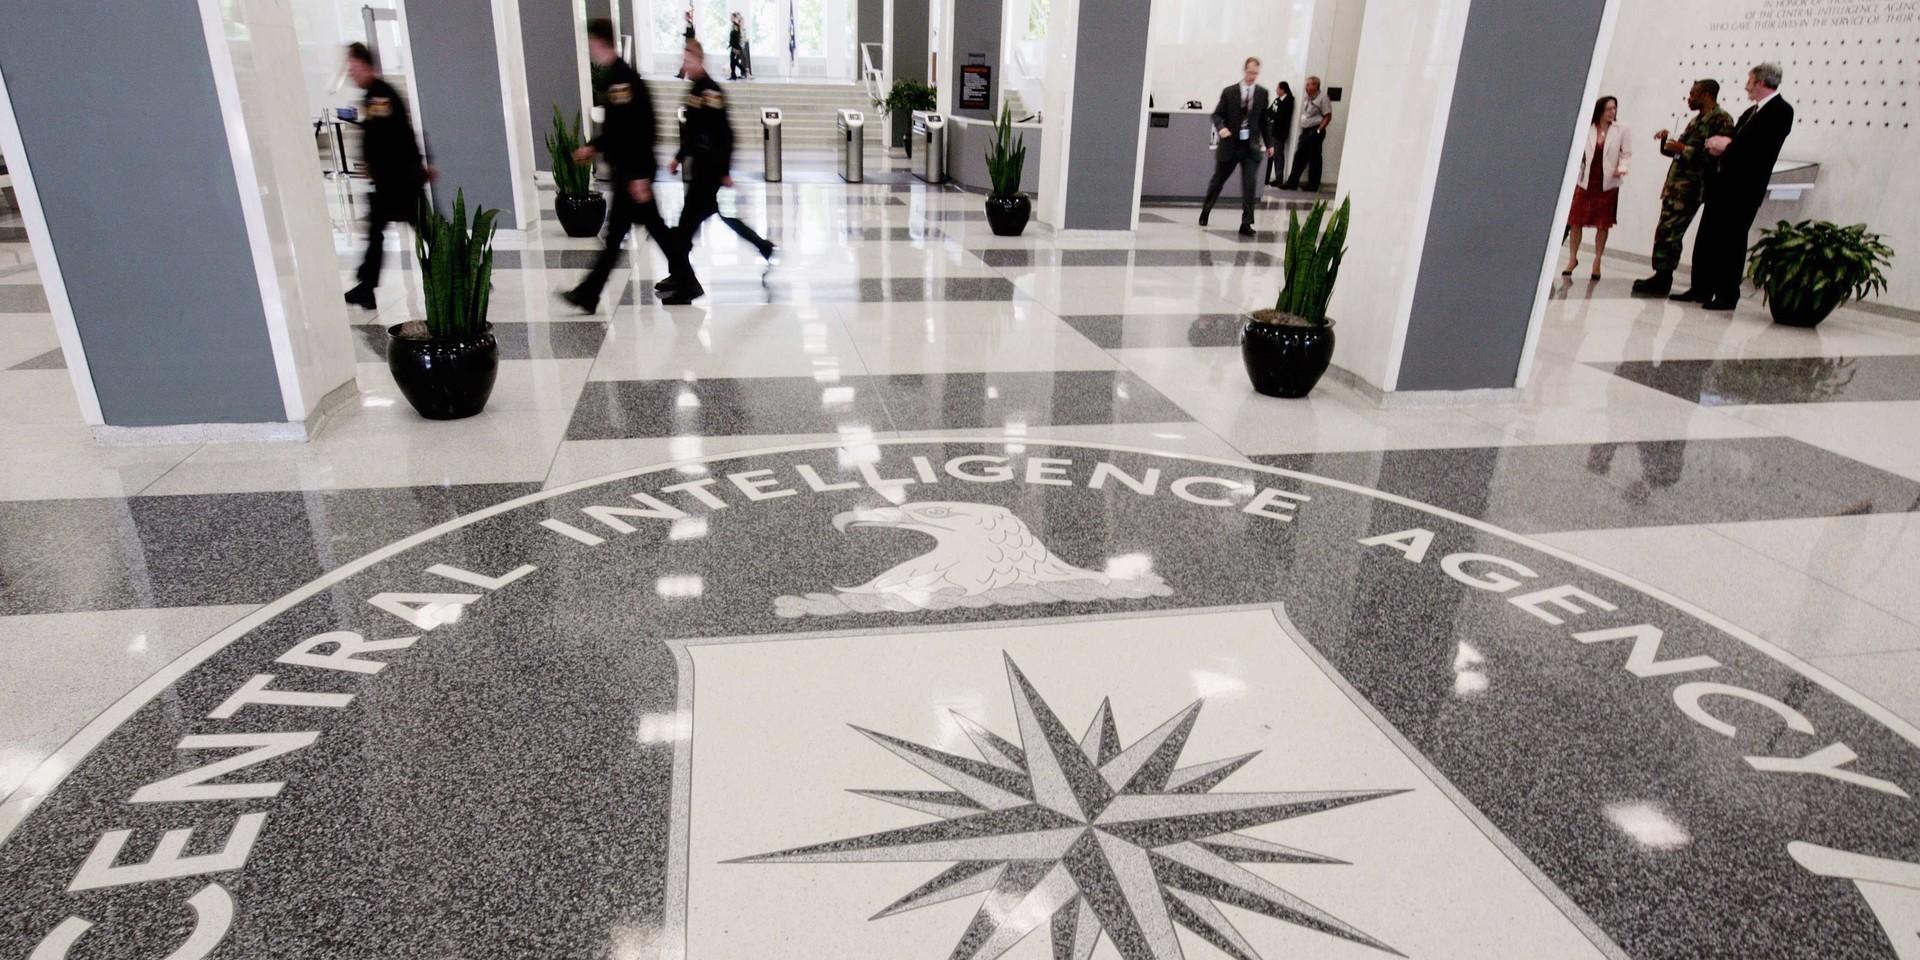 Директор ЦРУ: Без участия России нельзя урегулировать конфликт в Сирии